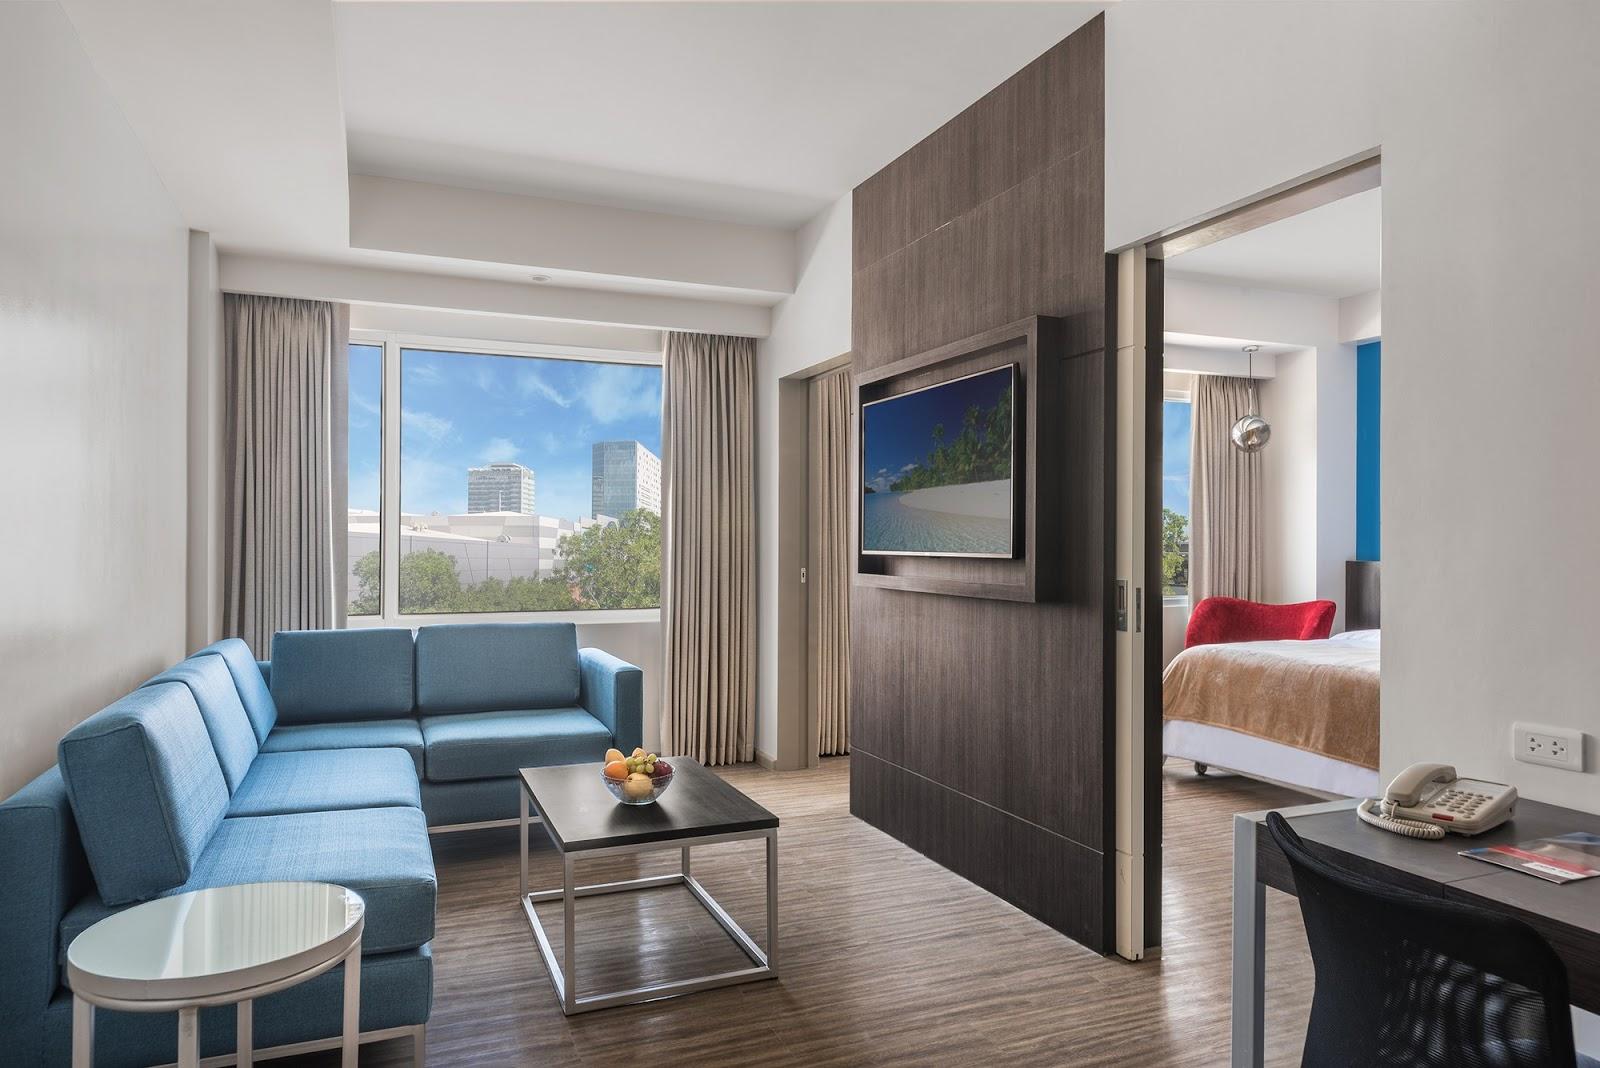 Park Inn by Radisson Iloilo Suite Room